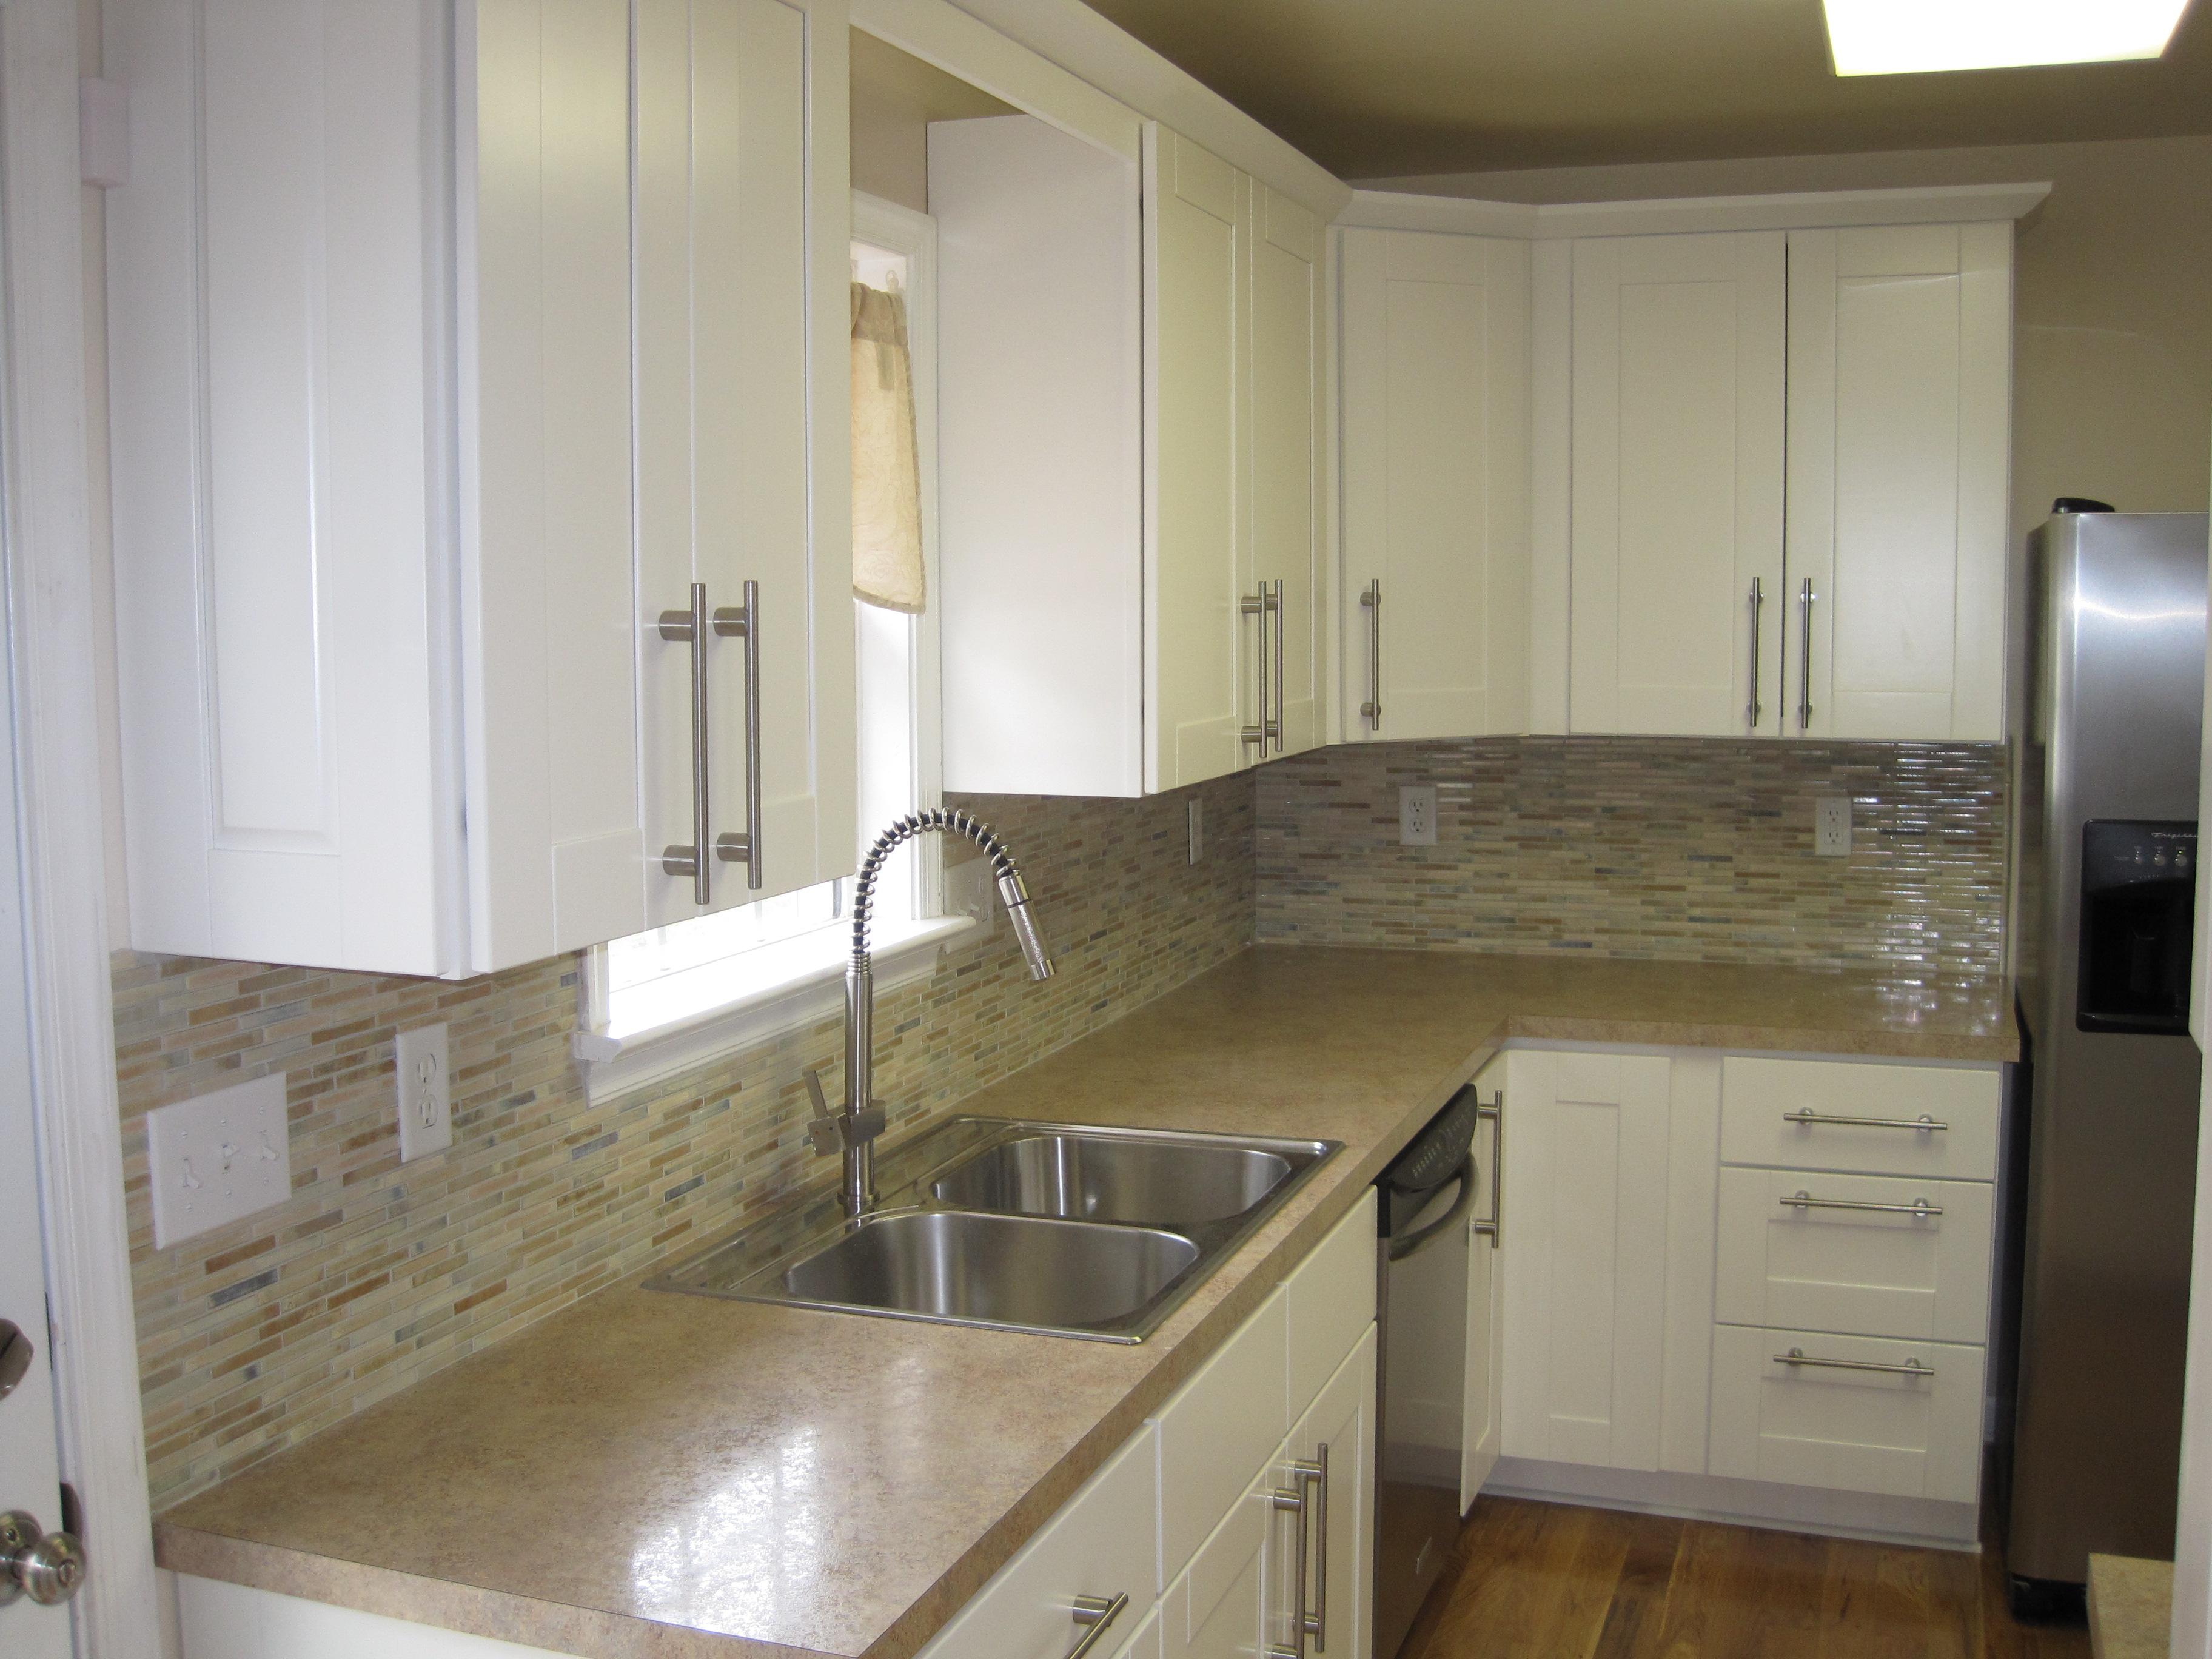 kitchen renovation after kitchen remodeling manassas va Kitchen Remodelling Portfolio Kitchen Renovation Backsplash Tiles